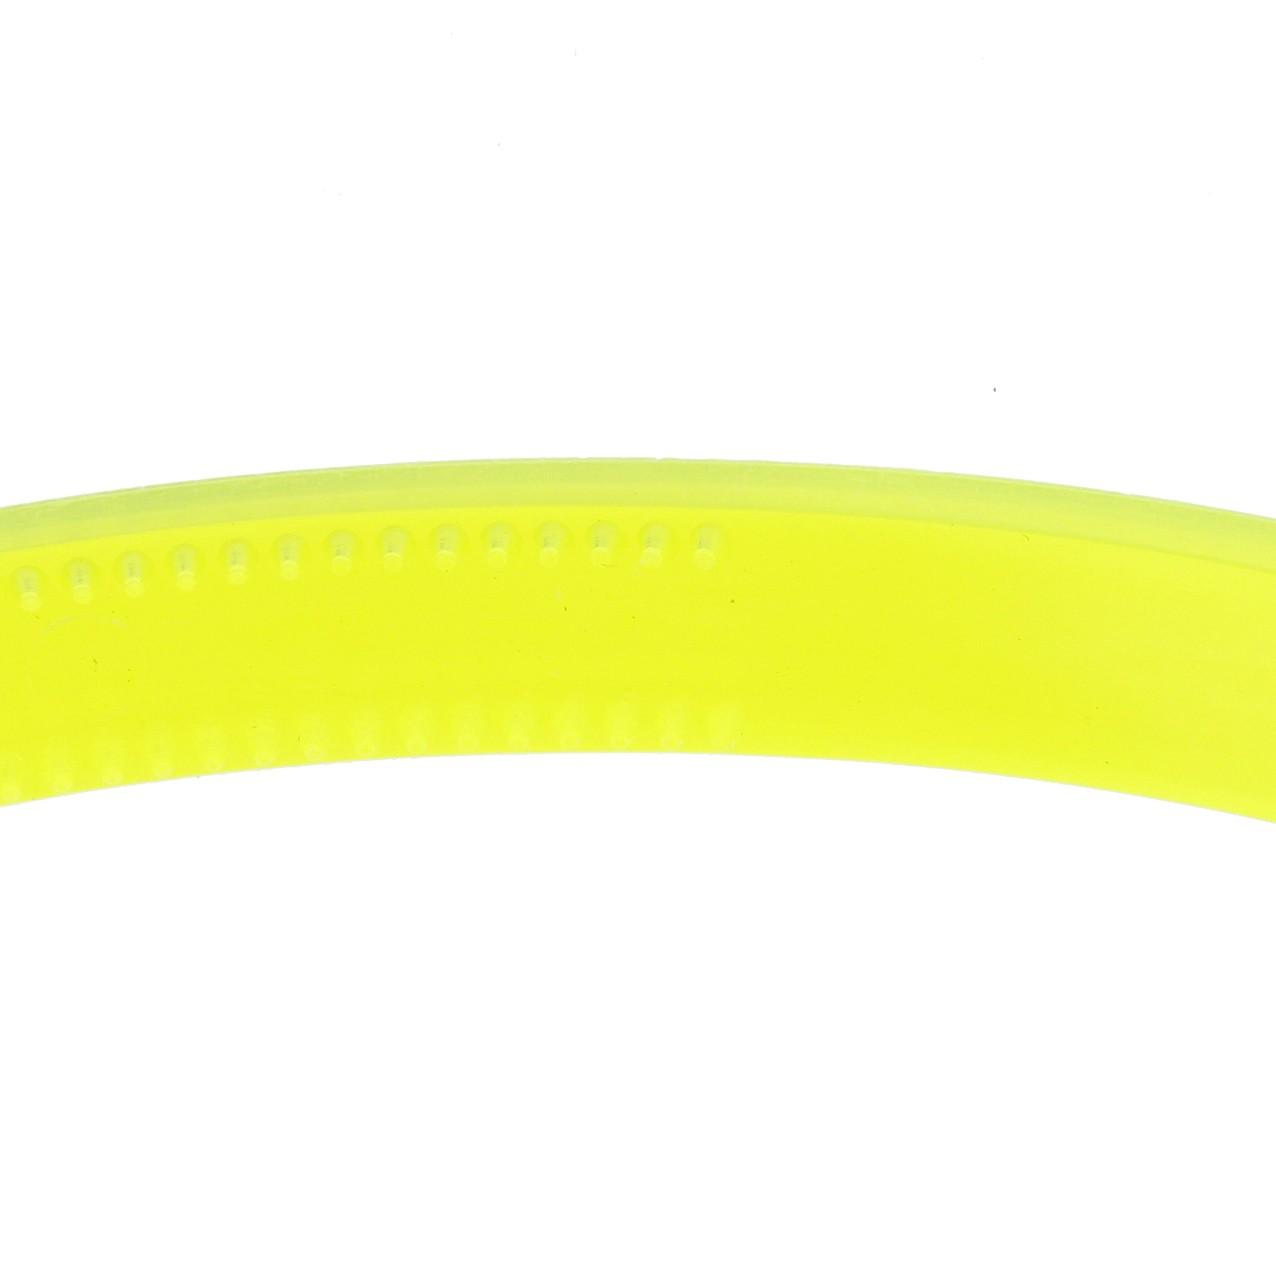 Tiara Plástica com Dentinhos - Amarelo Neon - 10mm  - Stéphanie Bijoux® - Peças para Bijuterias e Artesanato